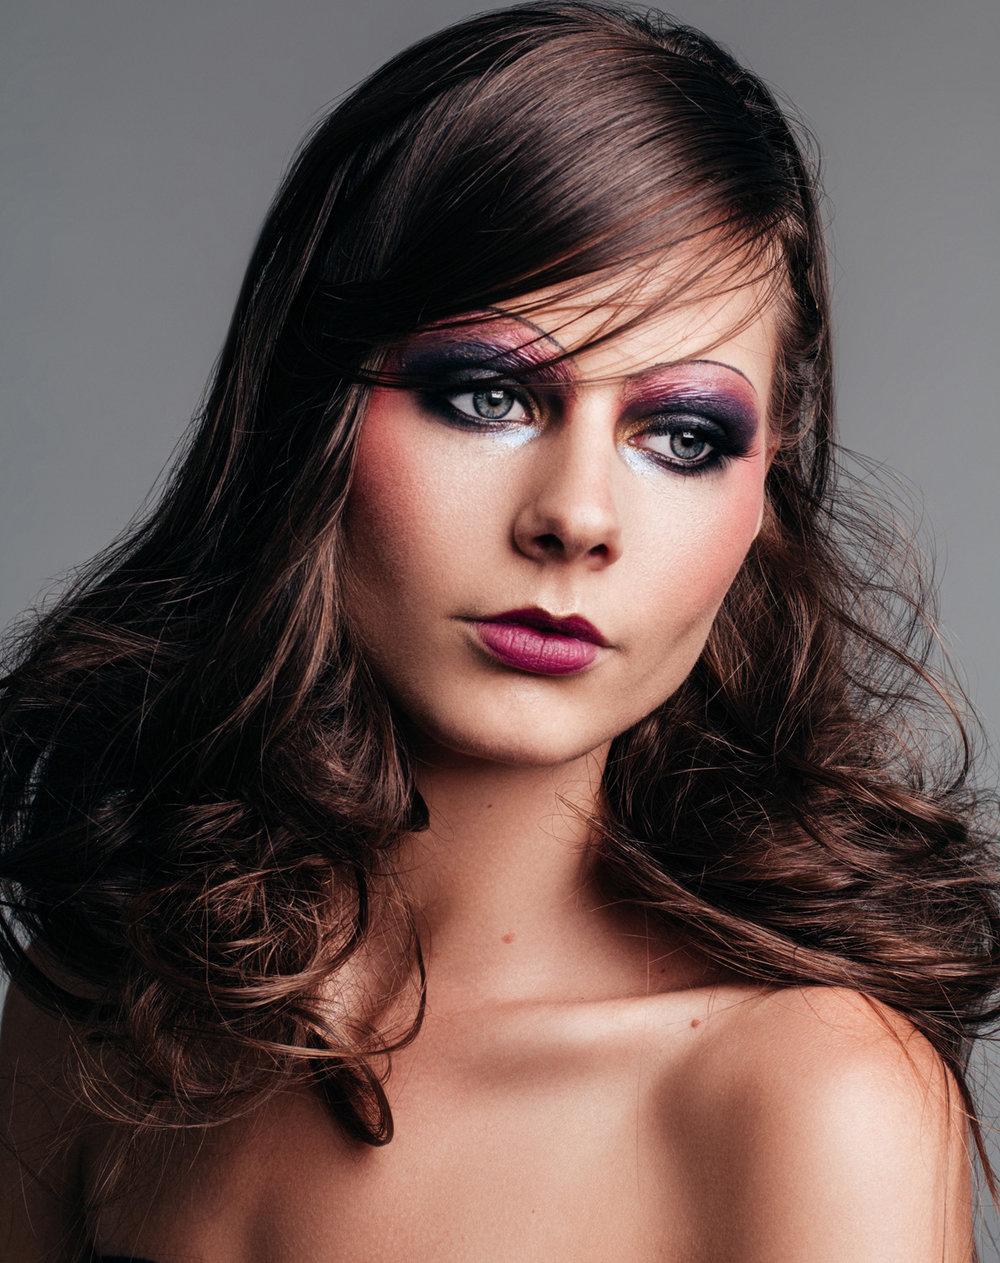 paulina-pecak-OMA-makeup-artist-educator_17_1.jpg